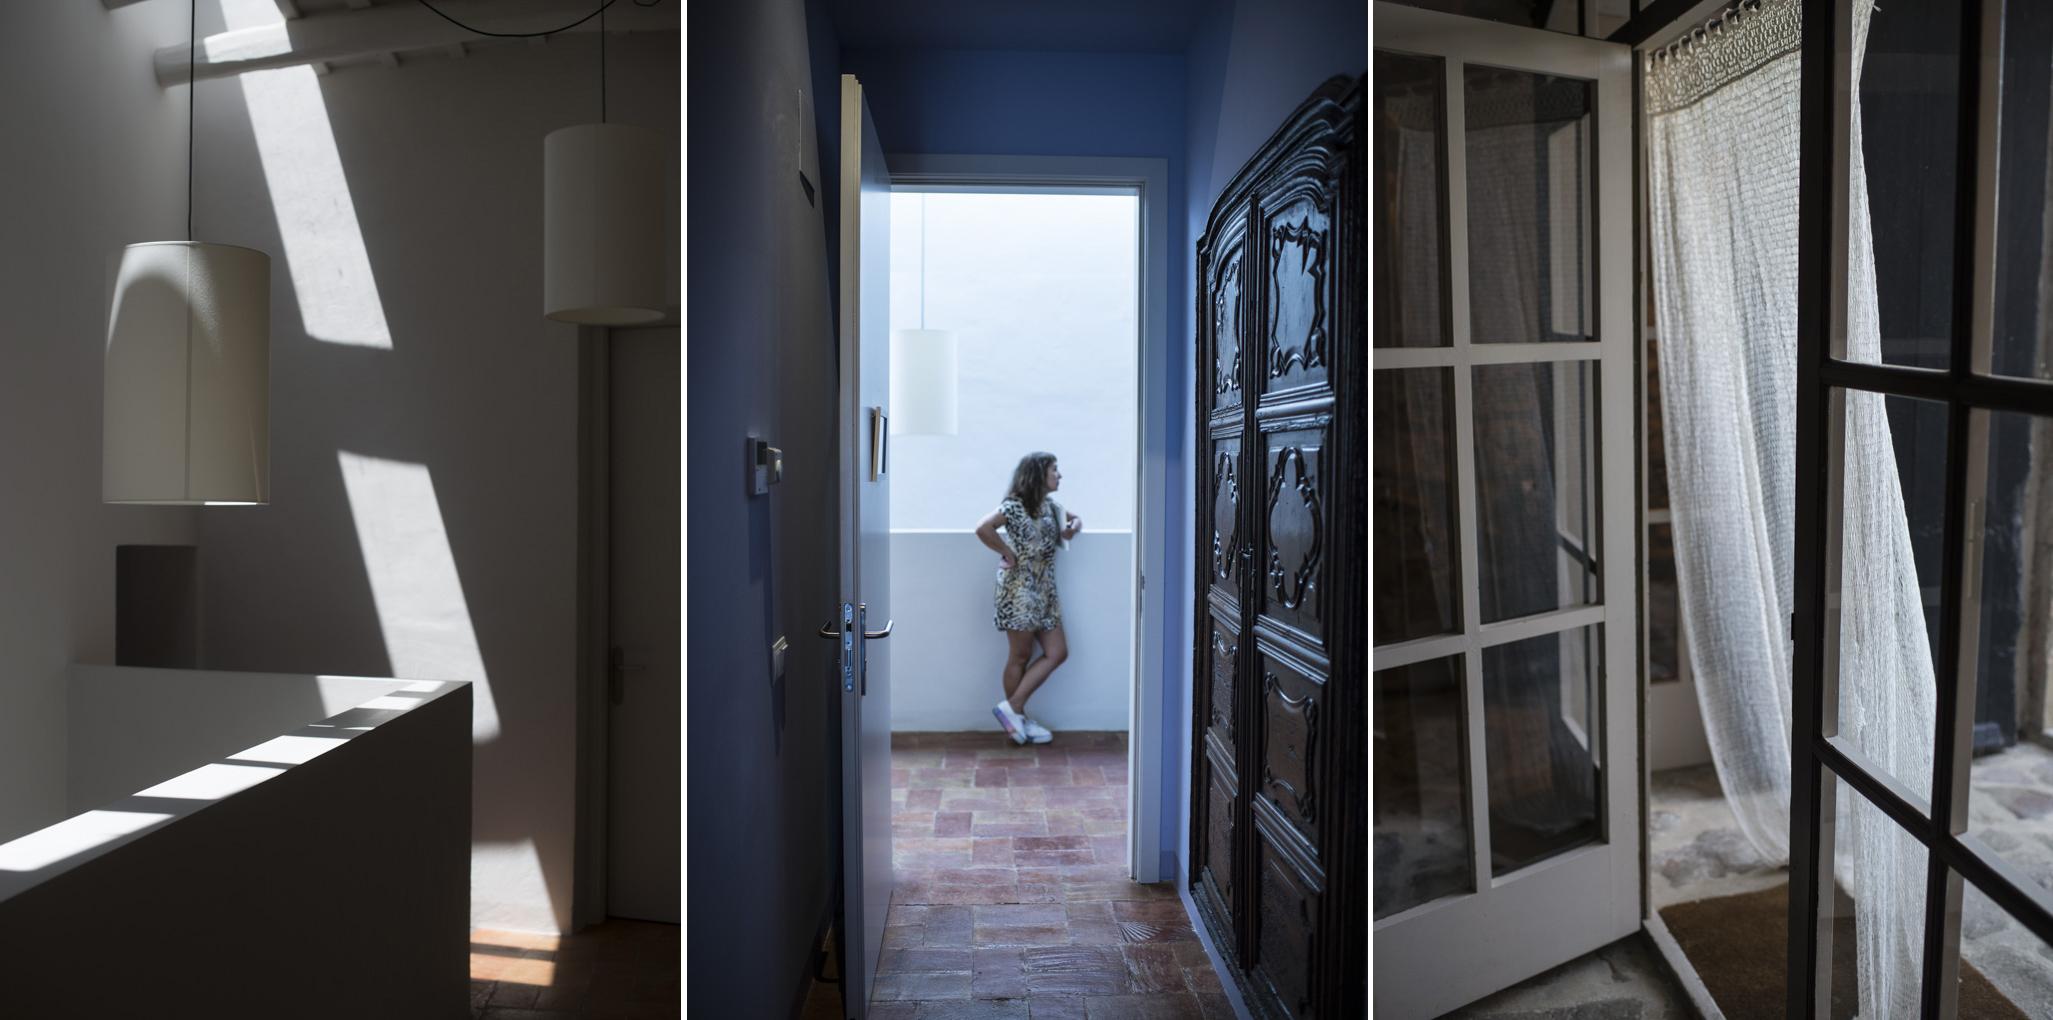 La luz se filtra tamizada por cada rincón, creando sugerentes ambientes.